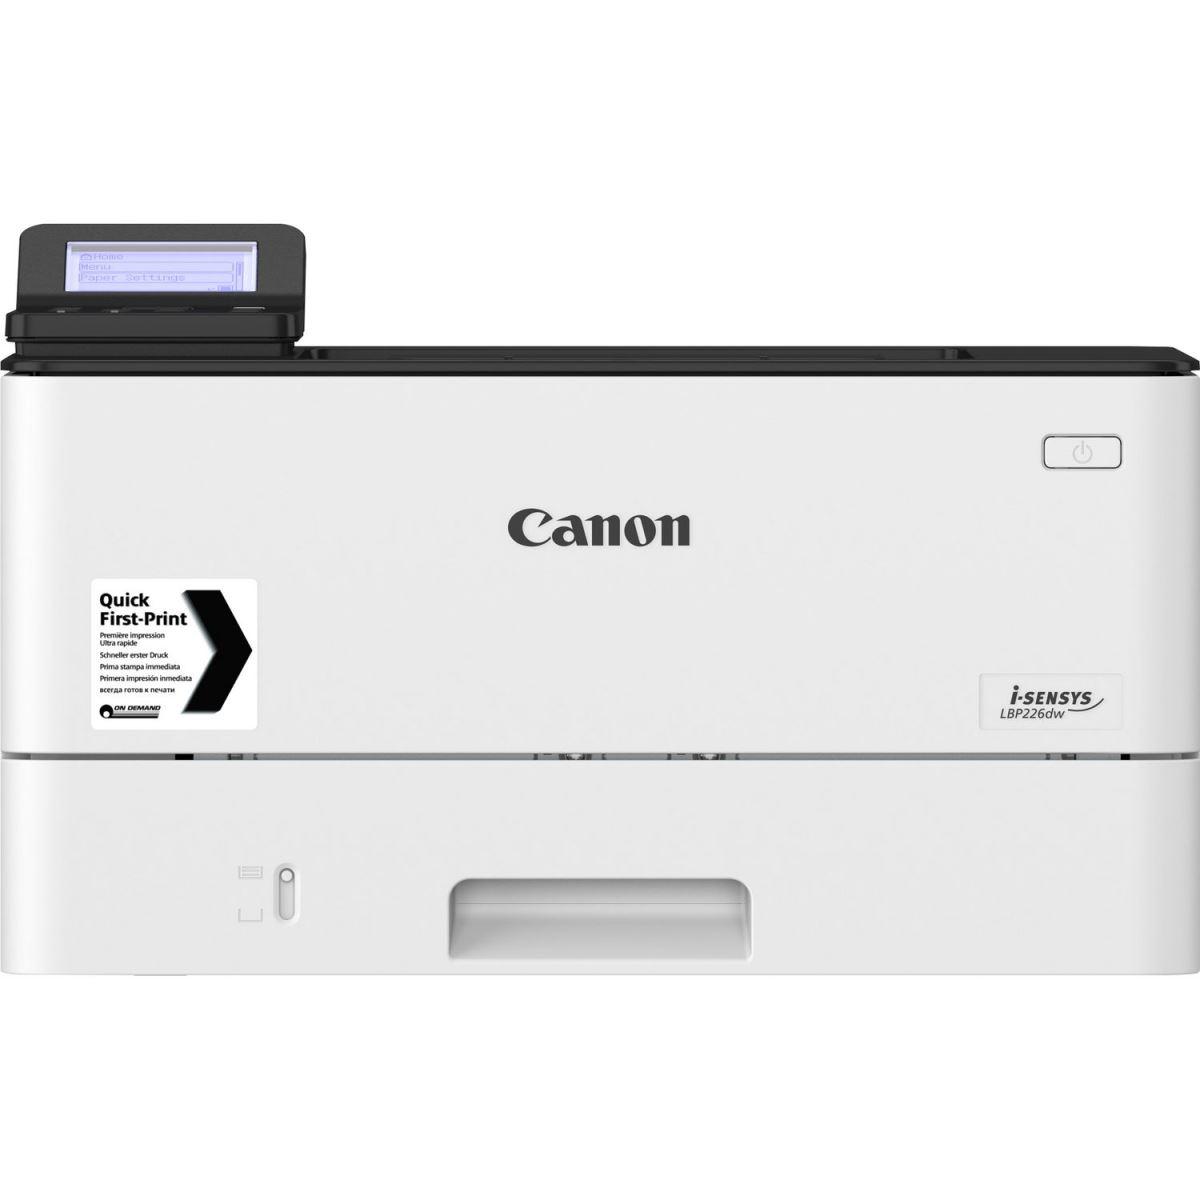 Canon LBP 226dw là máy in văn phòng tốc độ cao và có chức năng in hai mặt tự động.